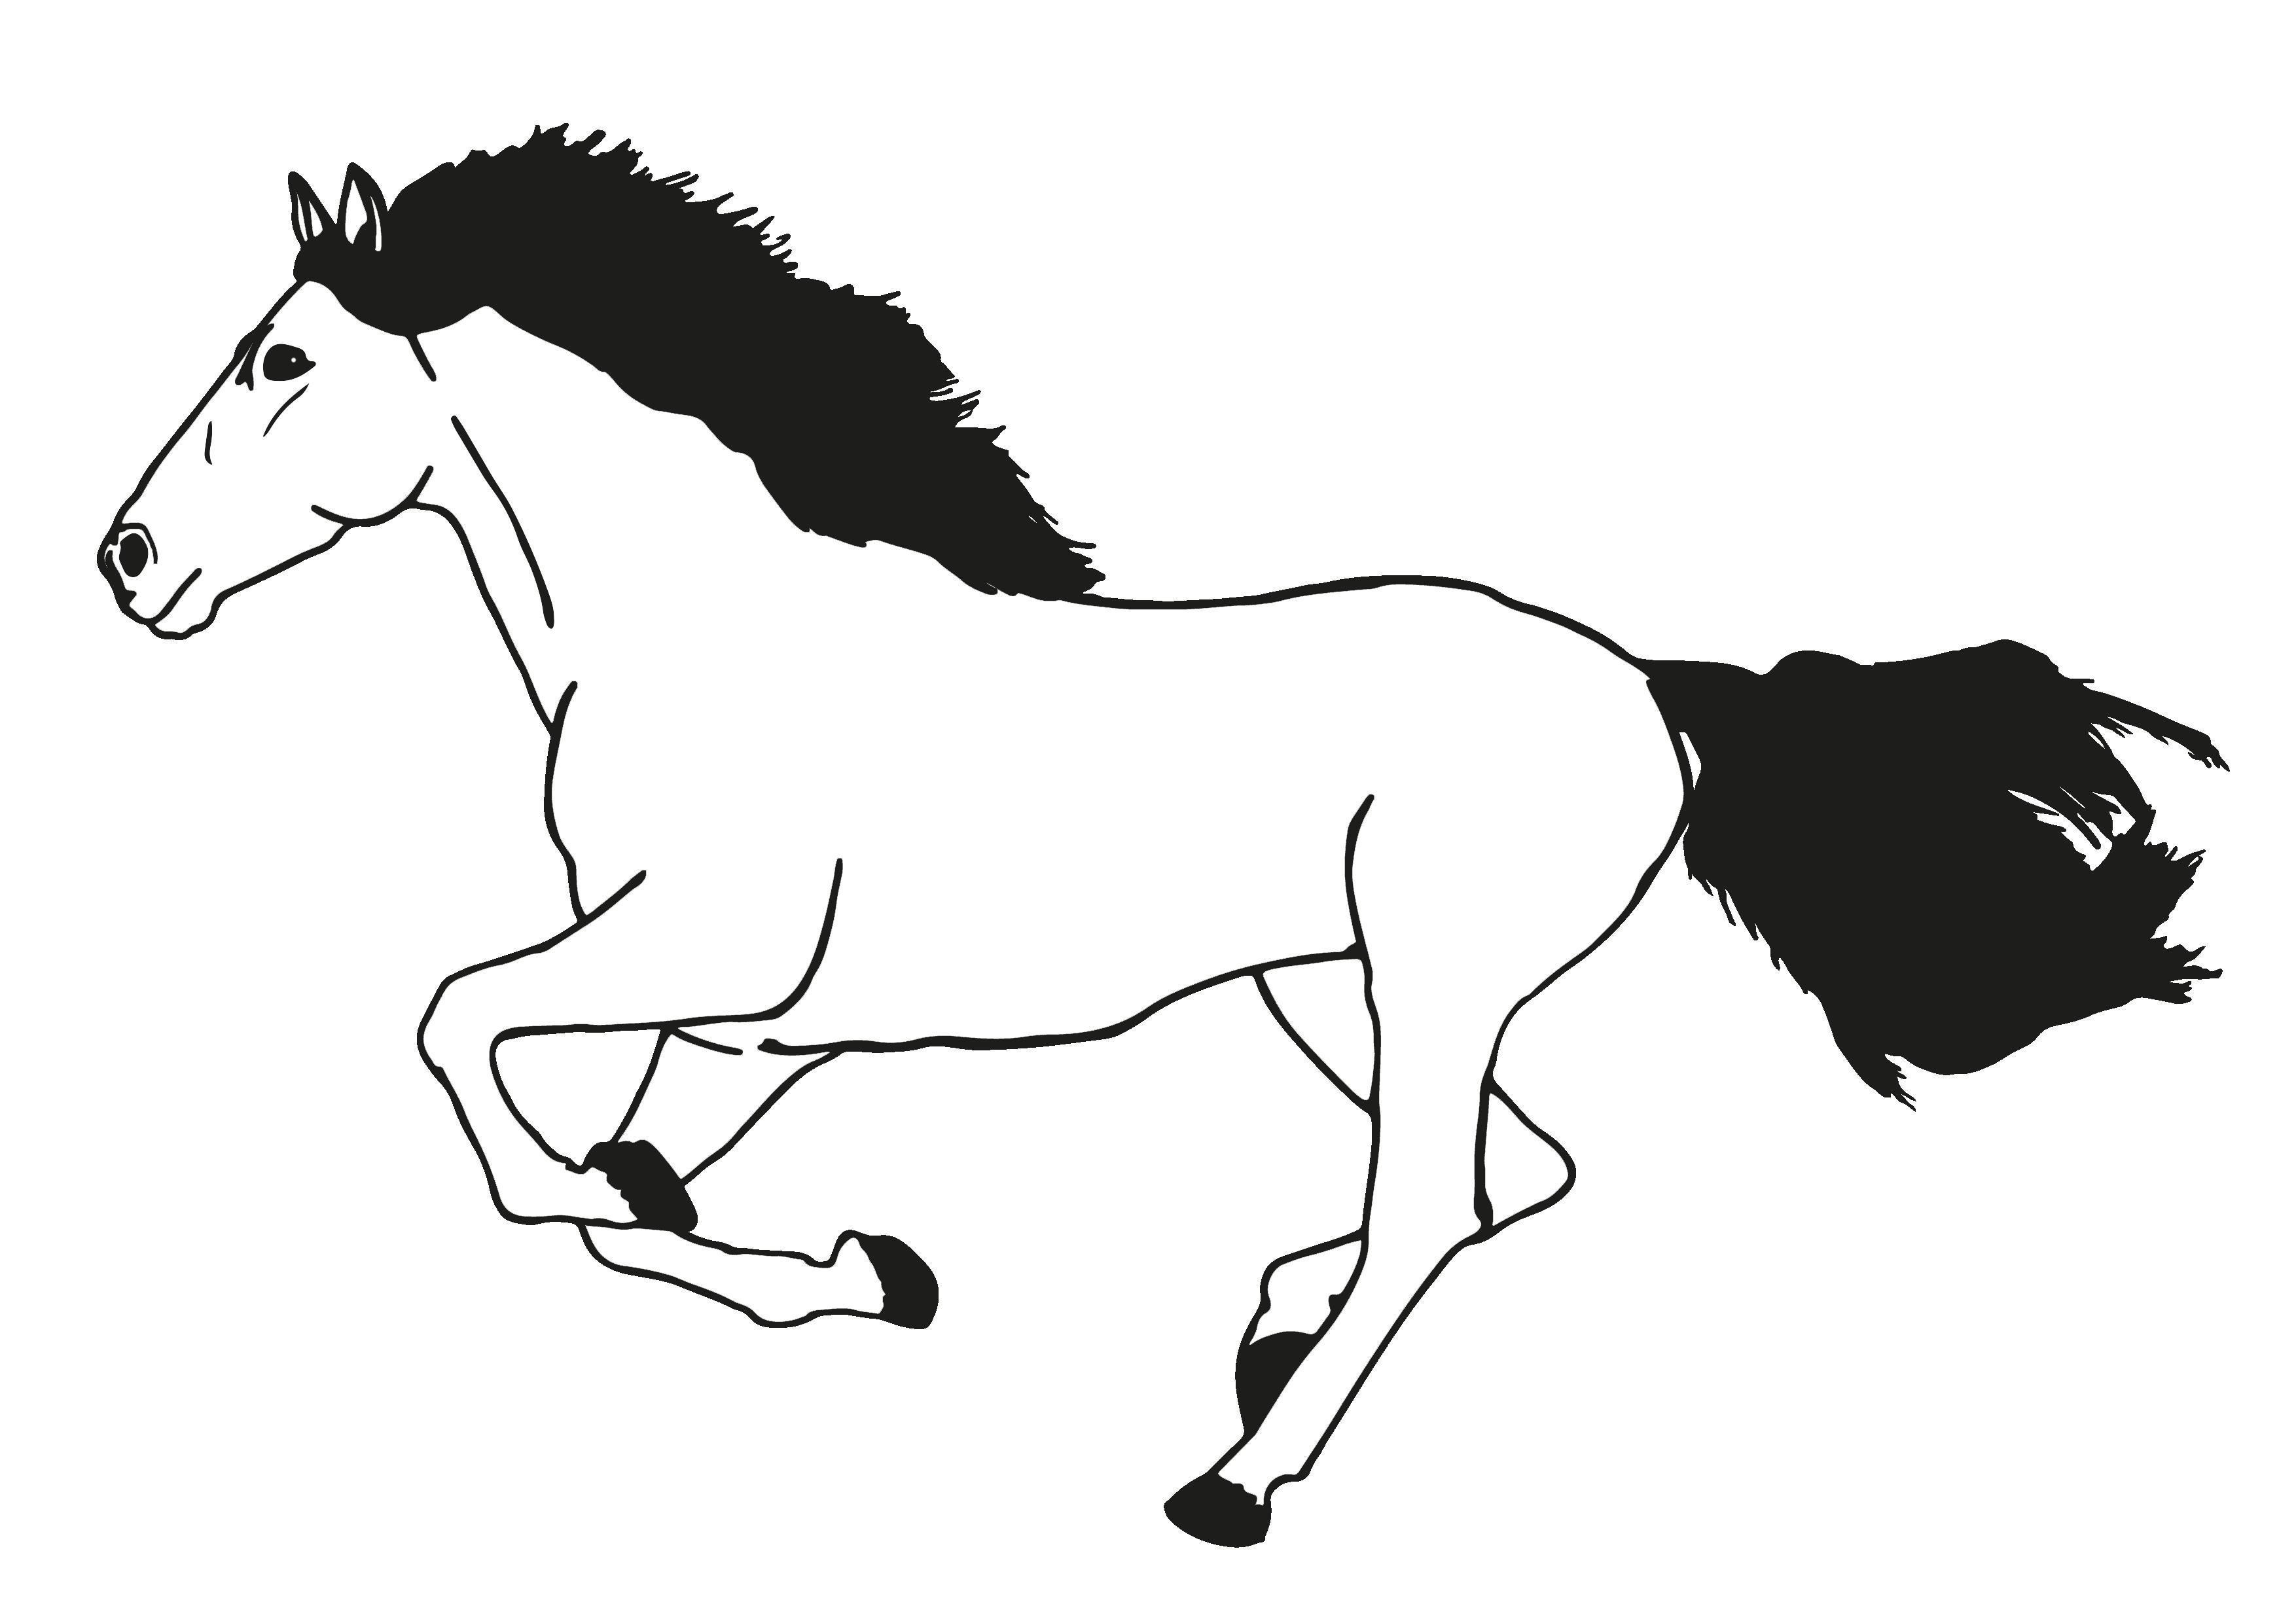 Clipart Pferd schwarz weiß k